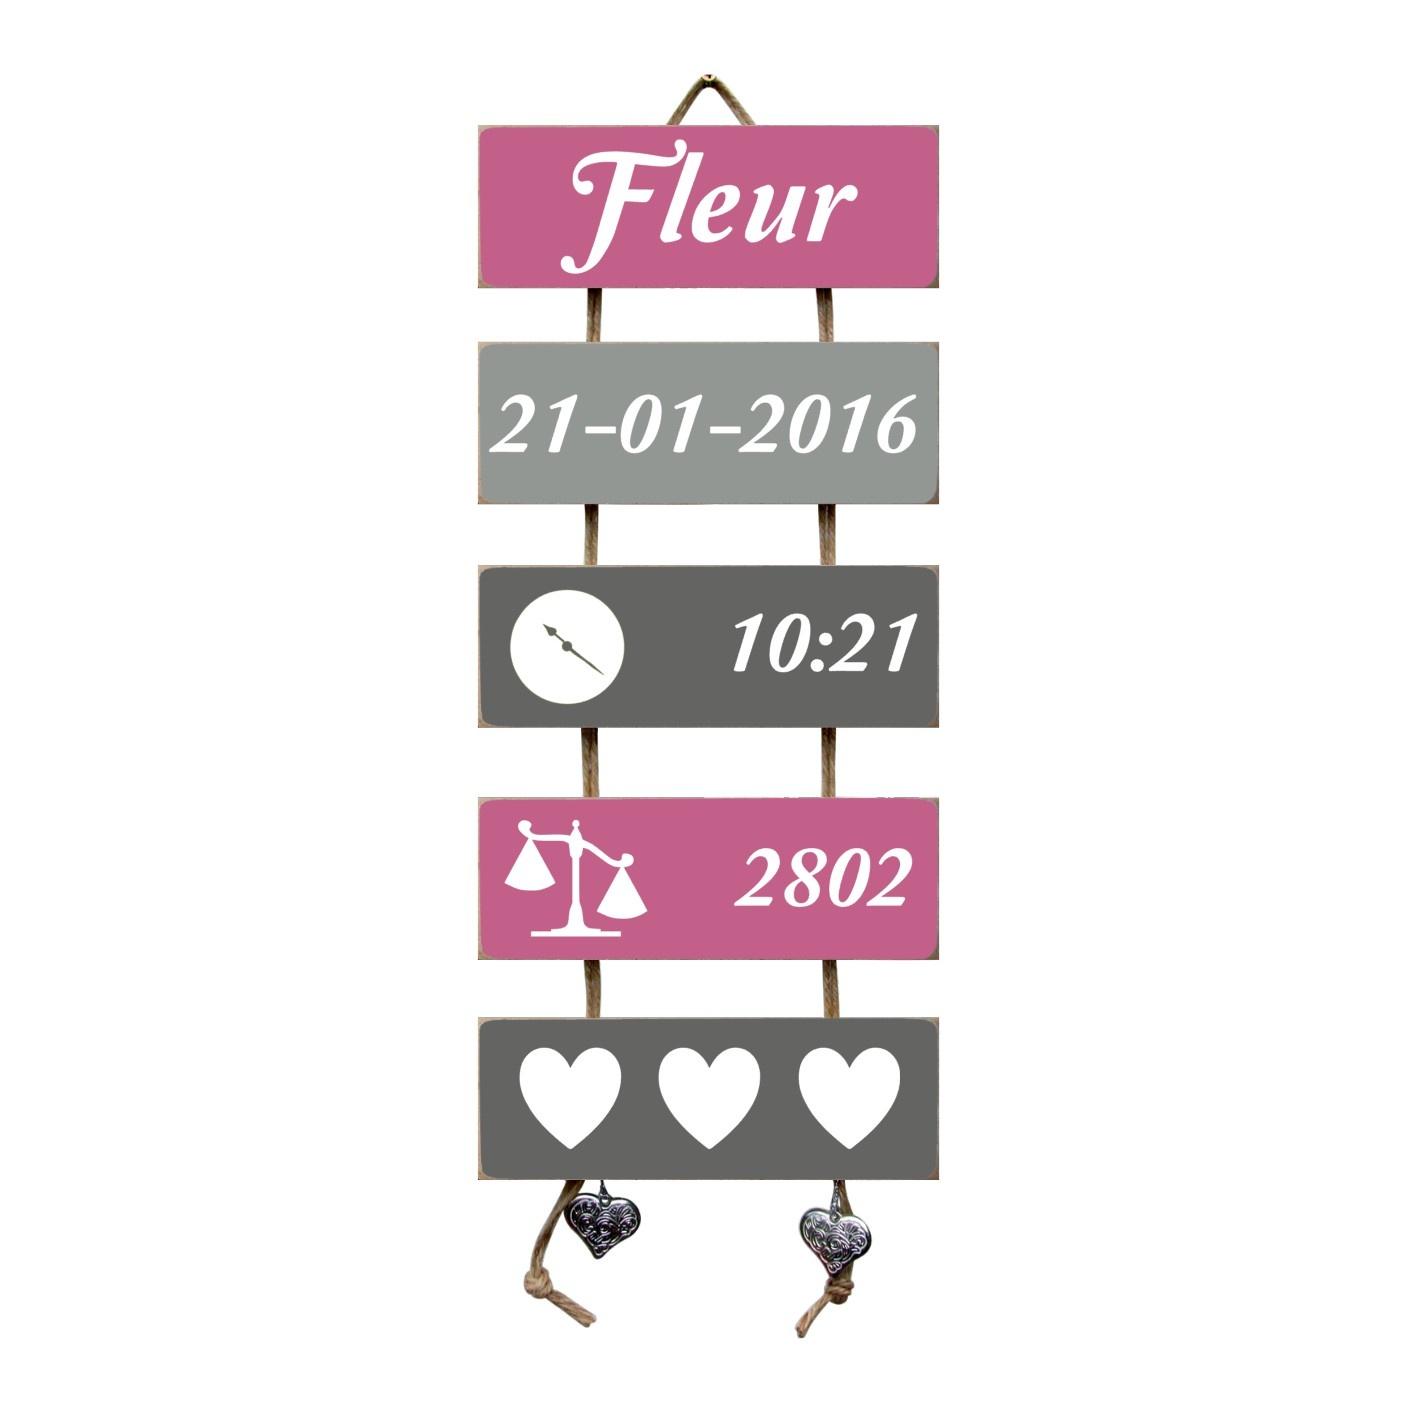 Kraamcadeau Geboorteladder Fleur donkerroze/grijs